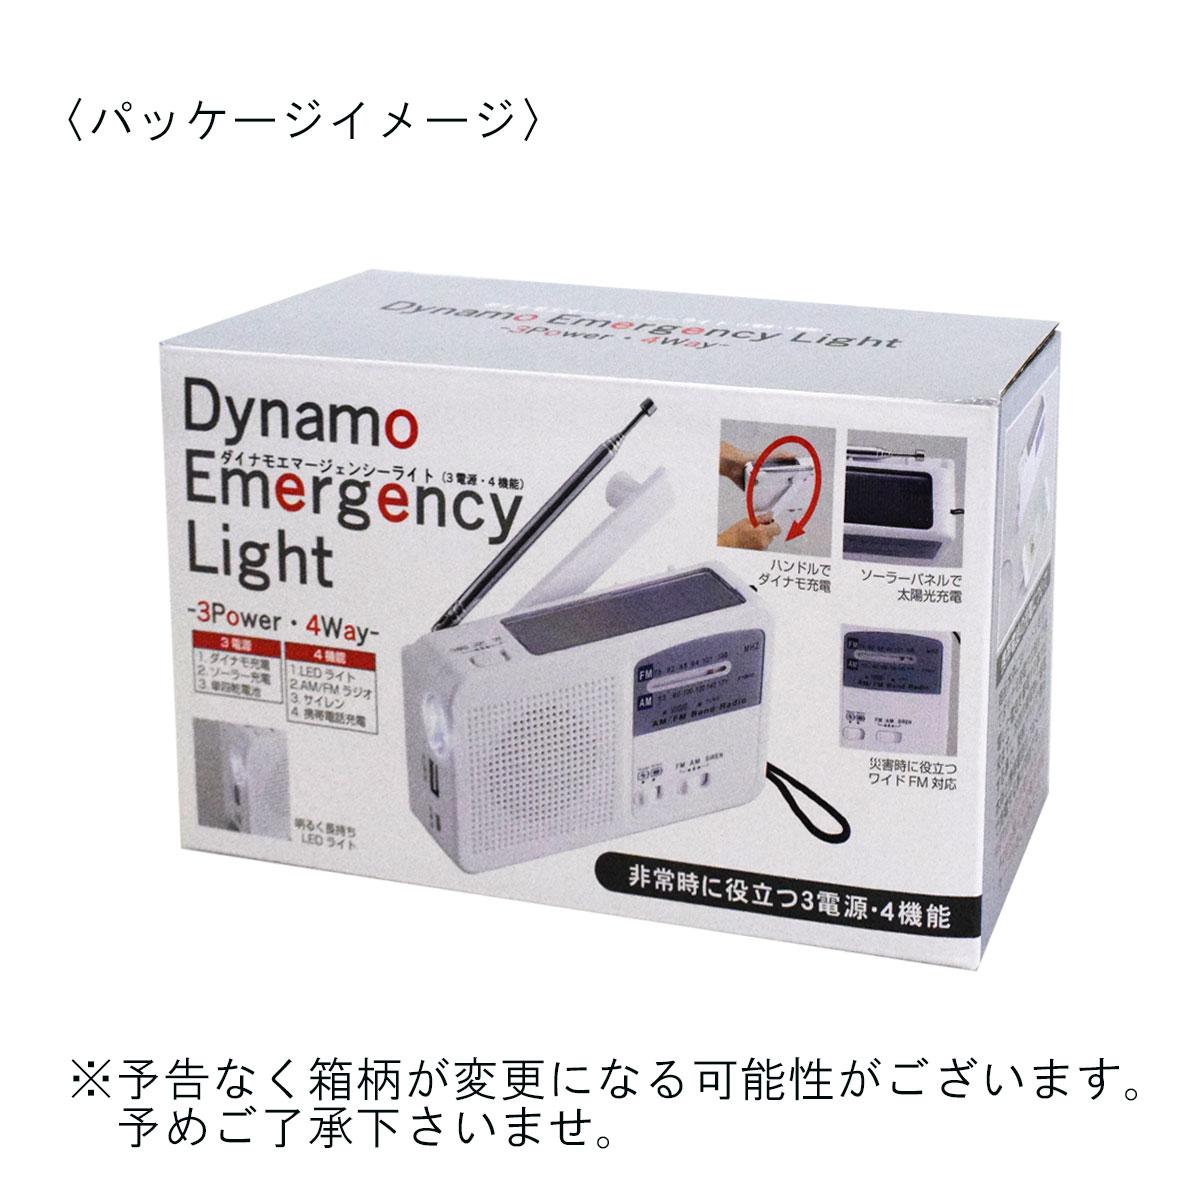 3電源方式 ダイナモエマージェンシーライト